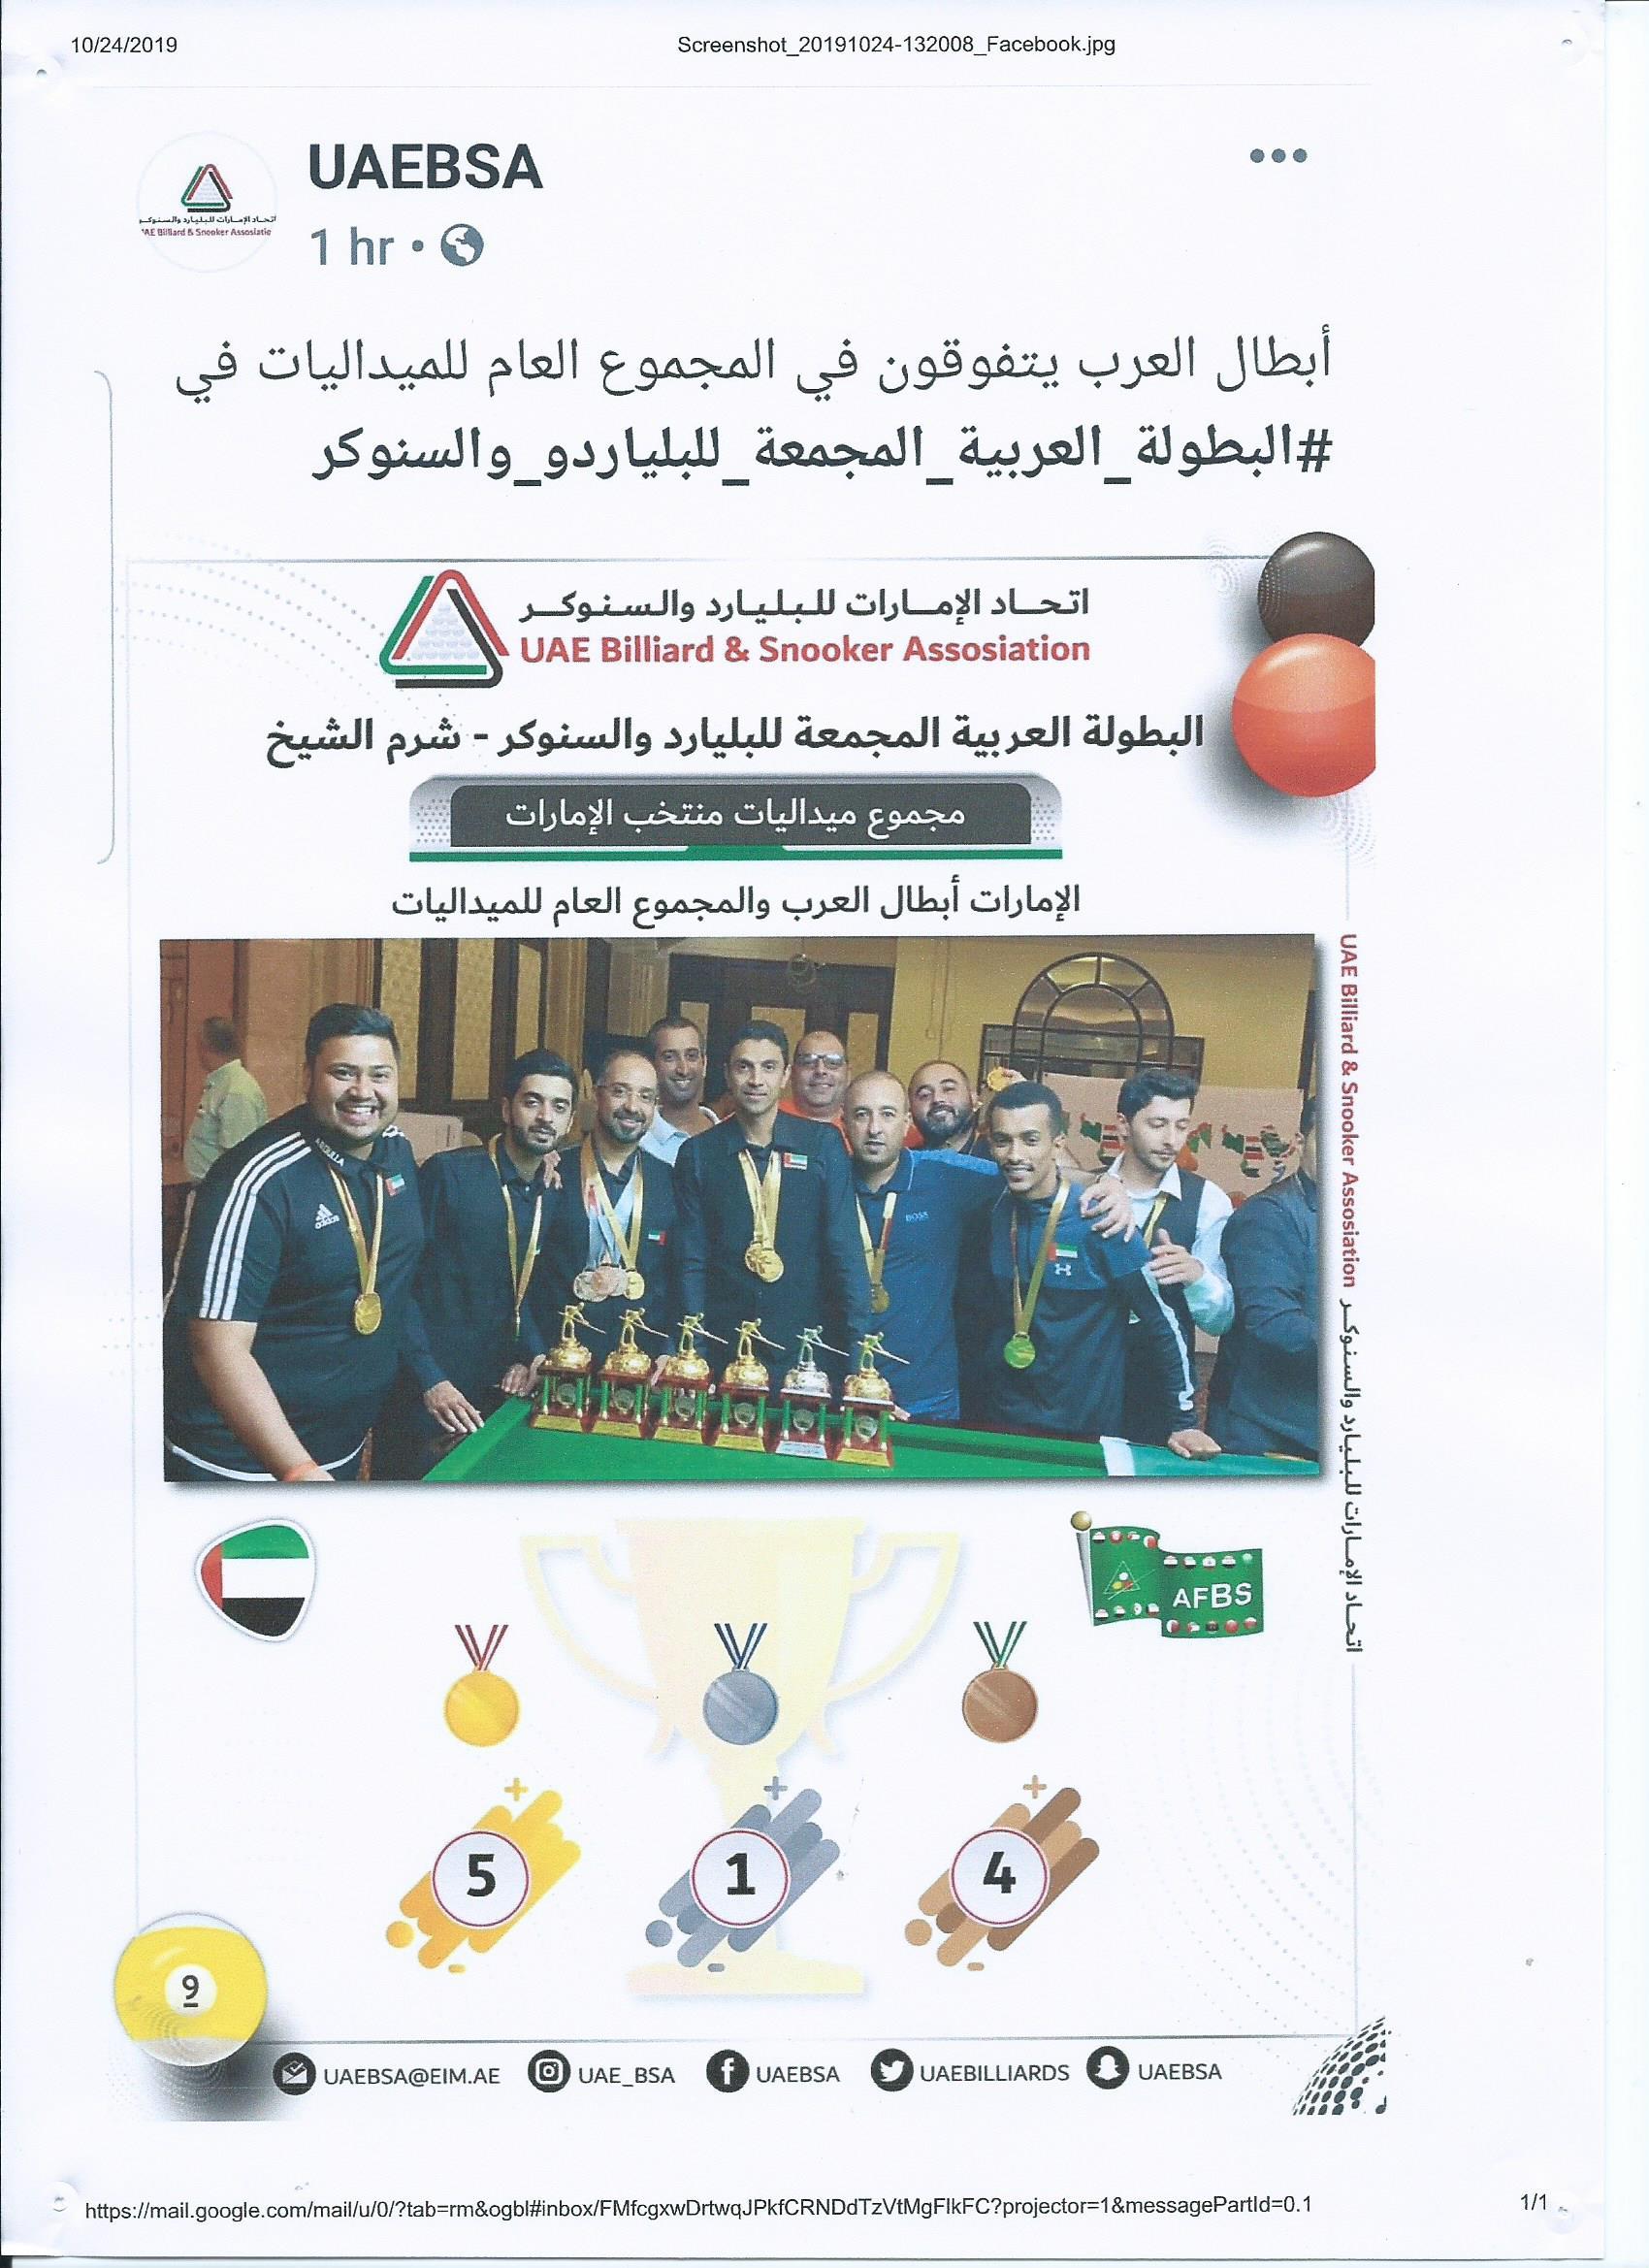 مجموع ميداليات منتخب الإمارات - الإمارات أبطال العرب والمجموع العام للميداليات